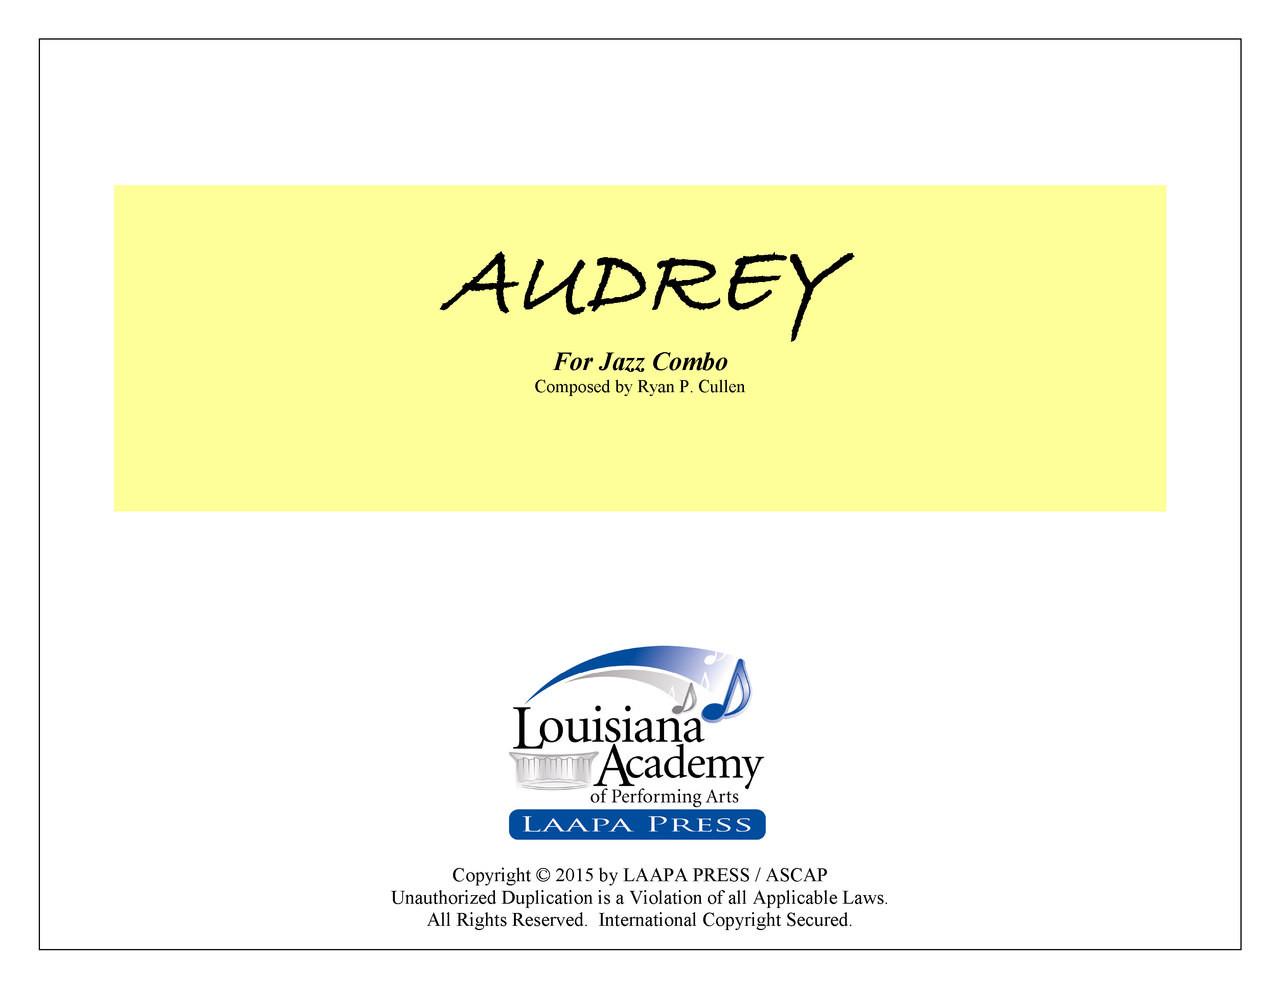 Audrey - for Jazz Combo (Score/Parts - PDF)